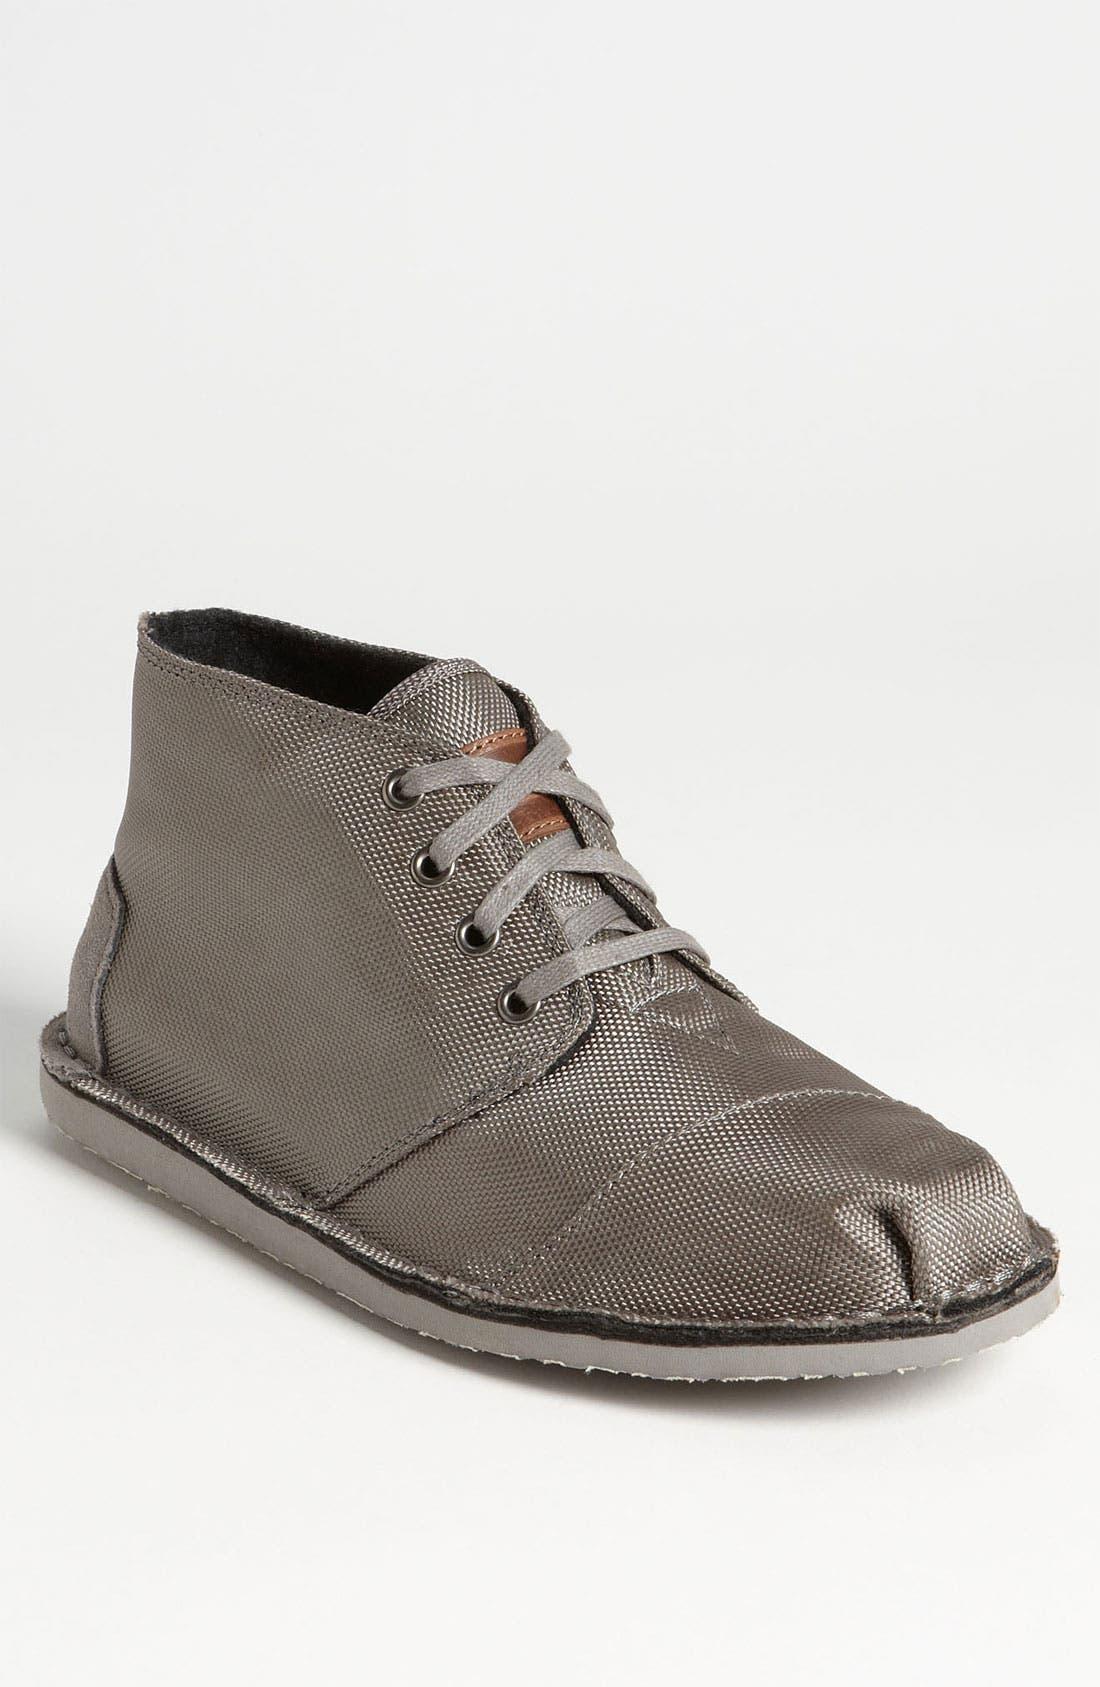 Alternate Image 1 Selected - TOMS 'Botas - Desert' Nylon Chukka Boot (Men) (Online Only)